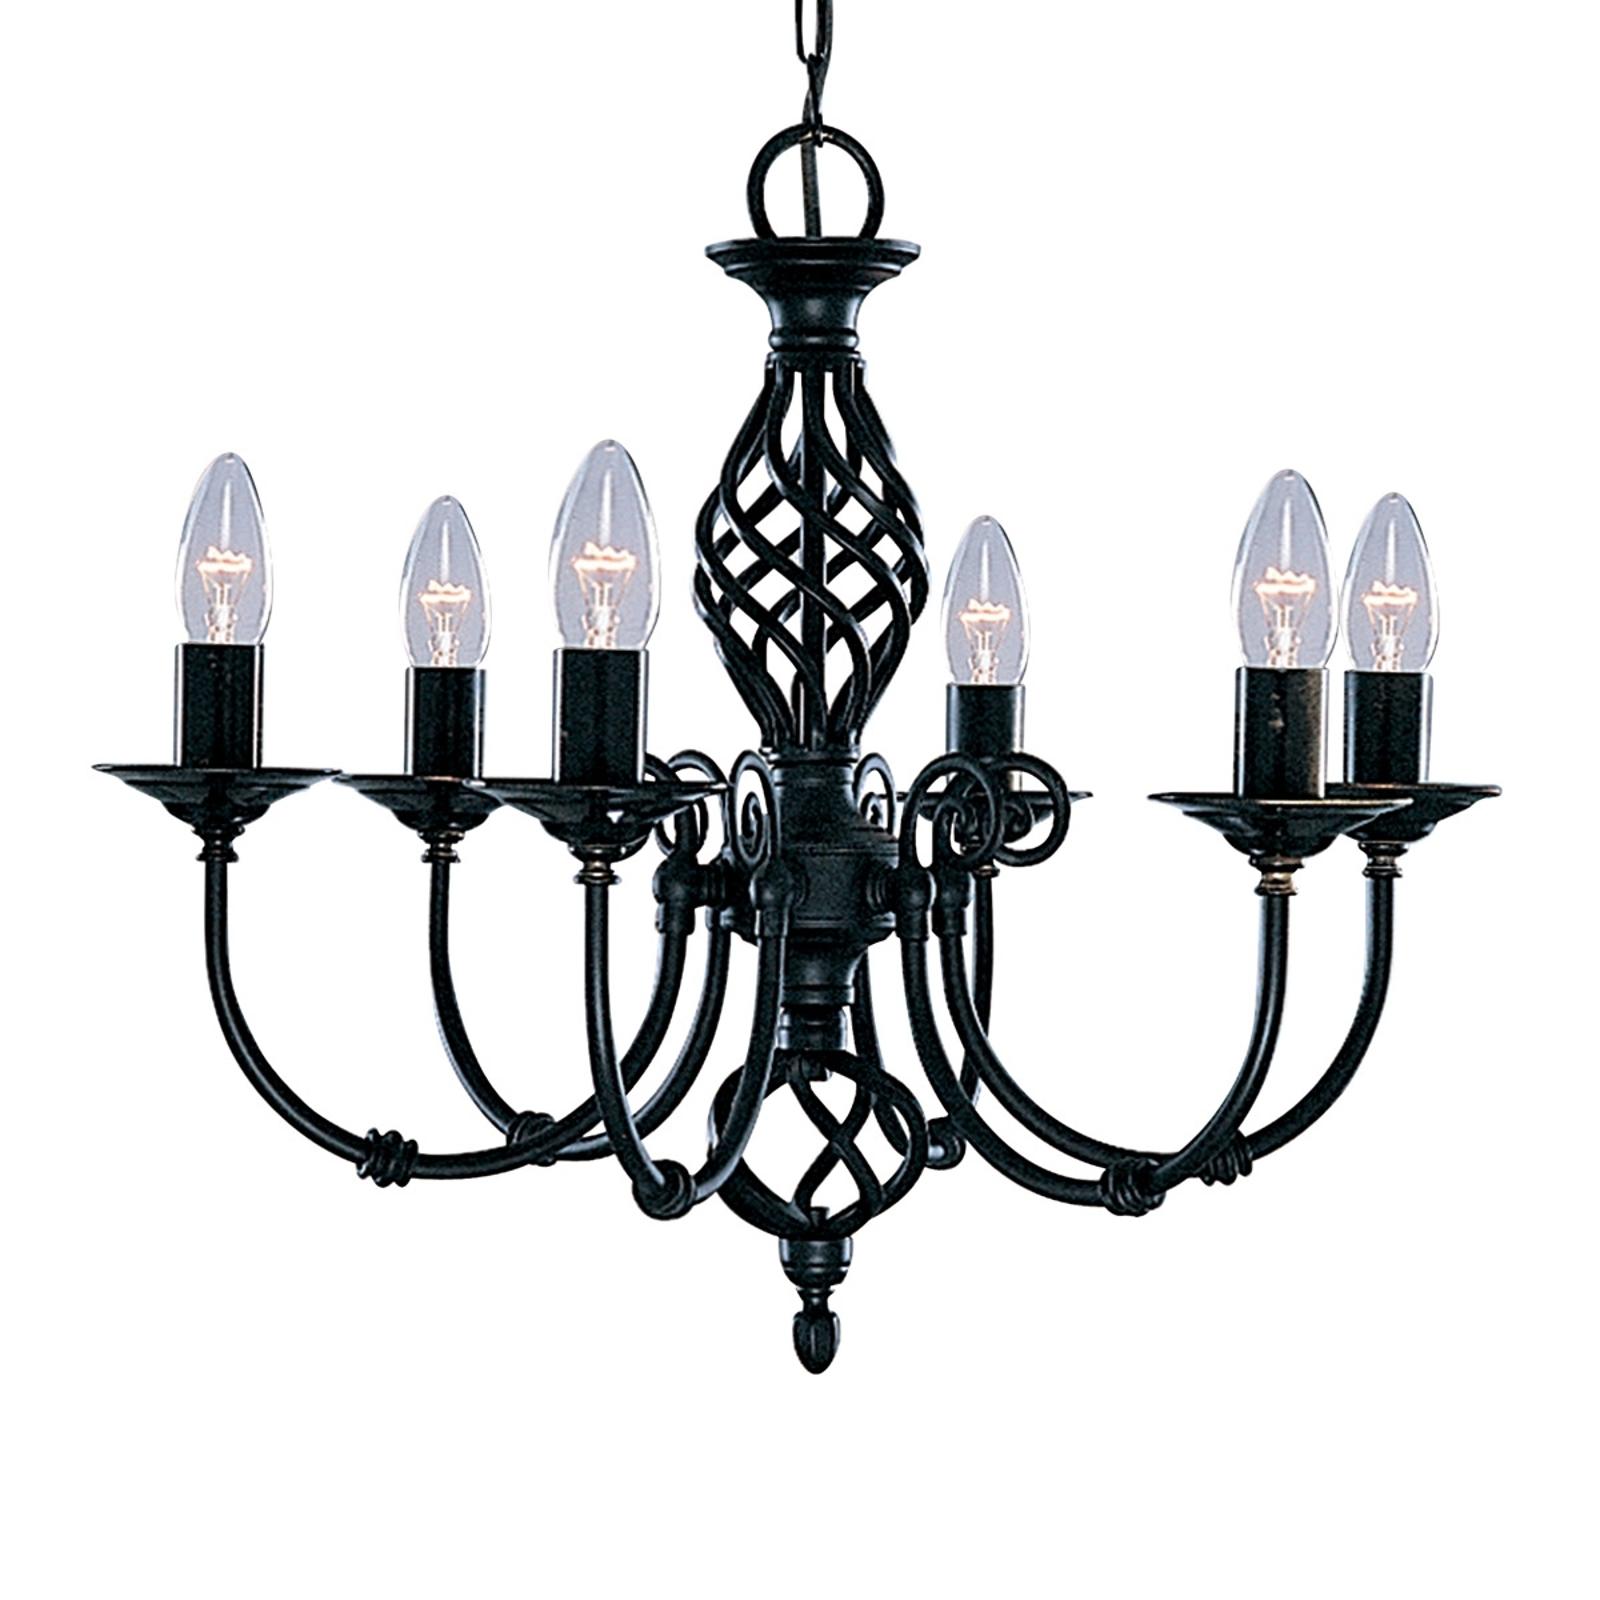 Stijlvolle kroonluchter ZANZIBAR, 6-lichts, zwart